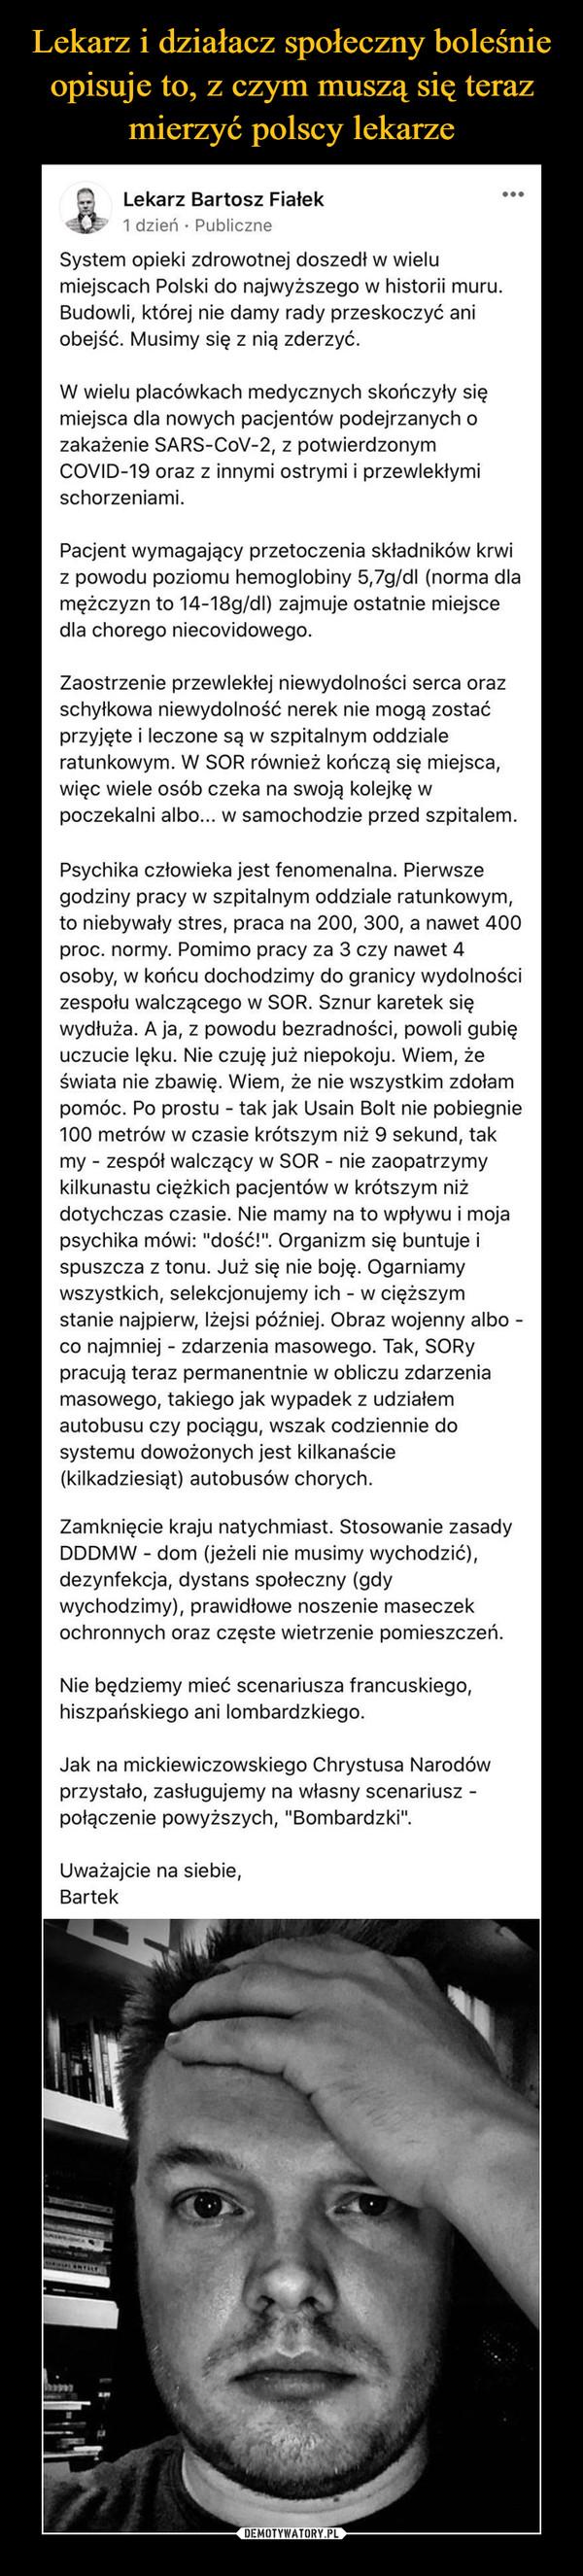 """–  Lekarz Bartosz Fiałek...1 dzień · PubliczneSystem opieki zdrowotnej doszedł w wielumiejscach Polski do najwyższego w historii muru.Budowli, której nie damy rady przeskoczyć aniobejść. Musimy się z nią zderzyć.W wielu placówkach medycznych skończyły sięmiejsca dla nowych pacjentów podejrzanych ozakażenie SARS-COV-2, z potwierdzonymCOVID-19 oraz z innymi ostrymi i przewlekłymischorzeniami.Pacjent wymagający przetoczenia składników krwiz powodu poziomu hemoglobiny 5,7g/dl (norma dlamężczyzn to 14-18g/dl) zajmuje ostatnie miejscedla chorego niecovidowego.Zaostrzenie przewlekłej niewydolności serca orazschyłkowa niewydolność nerek nie mogą zostaćprzyjęte i leczone są w szpitalnym oddzialeratunkowym. W SOR również kończą się miejsca,więc wiele osób czeka na swoją kolejkę wpoczekalni albo... w samochodzie przed szpitalem.Psychika człowieka jest fenomenalna. Pierwszegodziny pracy w szpitalnym oddziale ratunkowym,to niebywały stres, praca na 200, 300, a nawet 400proc. normy. Pomimo pracy za 3 czy nawet 4osoby, w końcu dochodzimy do granicy wydolnościzespołu walczącego w SOR. Sznur karetek sięwydłuża. A ja, z powodu bezradności, powoli gubięuczucie lęku. Nie czuję już niepokoju. Wiem, żeświata nie zbawię. Wiem, że nie wszystkim zdołampomóc. Po prostu - tak jak Usain Bolt nie pobiegnie100 metrów w czasie krótszym niż 9 sekund, takmy - zespół walczący w SOR - nie zaopatrzymykilkunastu ciężkich pacjentów w krótszym niżdotychczas czasie. Nie mamy na to wpływu i mojapsychika mówi: """"dość!"""". Organizm się buntuje ispuszcza z tonu. Już się nie boję. Ogarniamywszystkich, selekcjonujemy ich - w cięższymstanie najpierw, Iżejsi później. Obraz wojenny albo -co najmniej - zdarzenia masowego. Tak, SORYpracują teraz permanentnie w obliczu zdarzeniamasowego, takiego jak wypadek z udziałemautobusu czy pociągu, wszak codziennie dosystemu dowożonych jest kilkanaście(kilkadziesiąt) autobusów chorych.Zamknięcie kraju natychmiast. Stosowanie zasadyDDDMW - dom (jeżeli nie musimy wychodzić),dezynfe"""